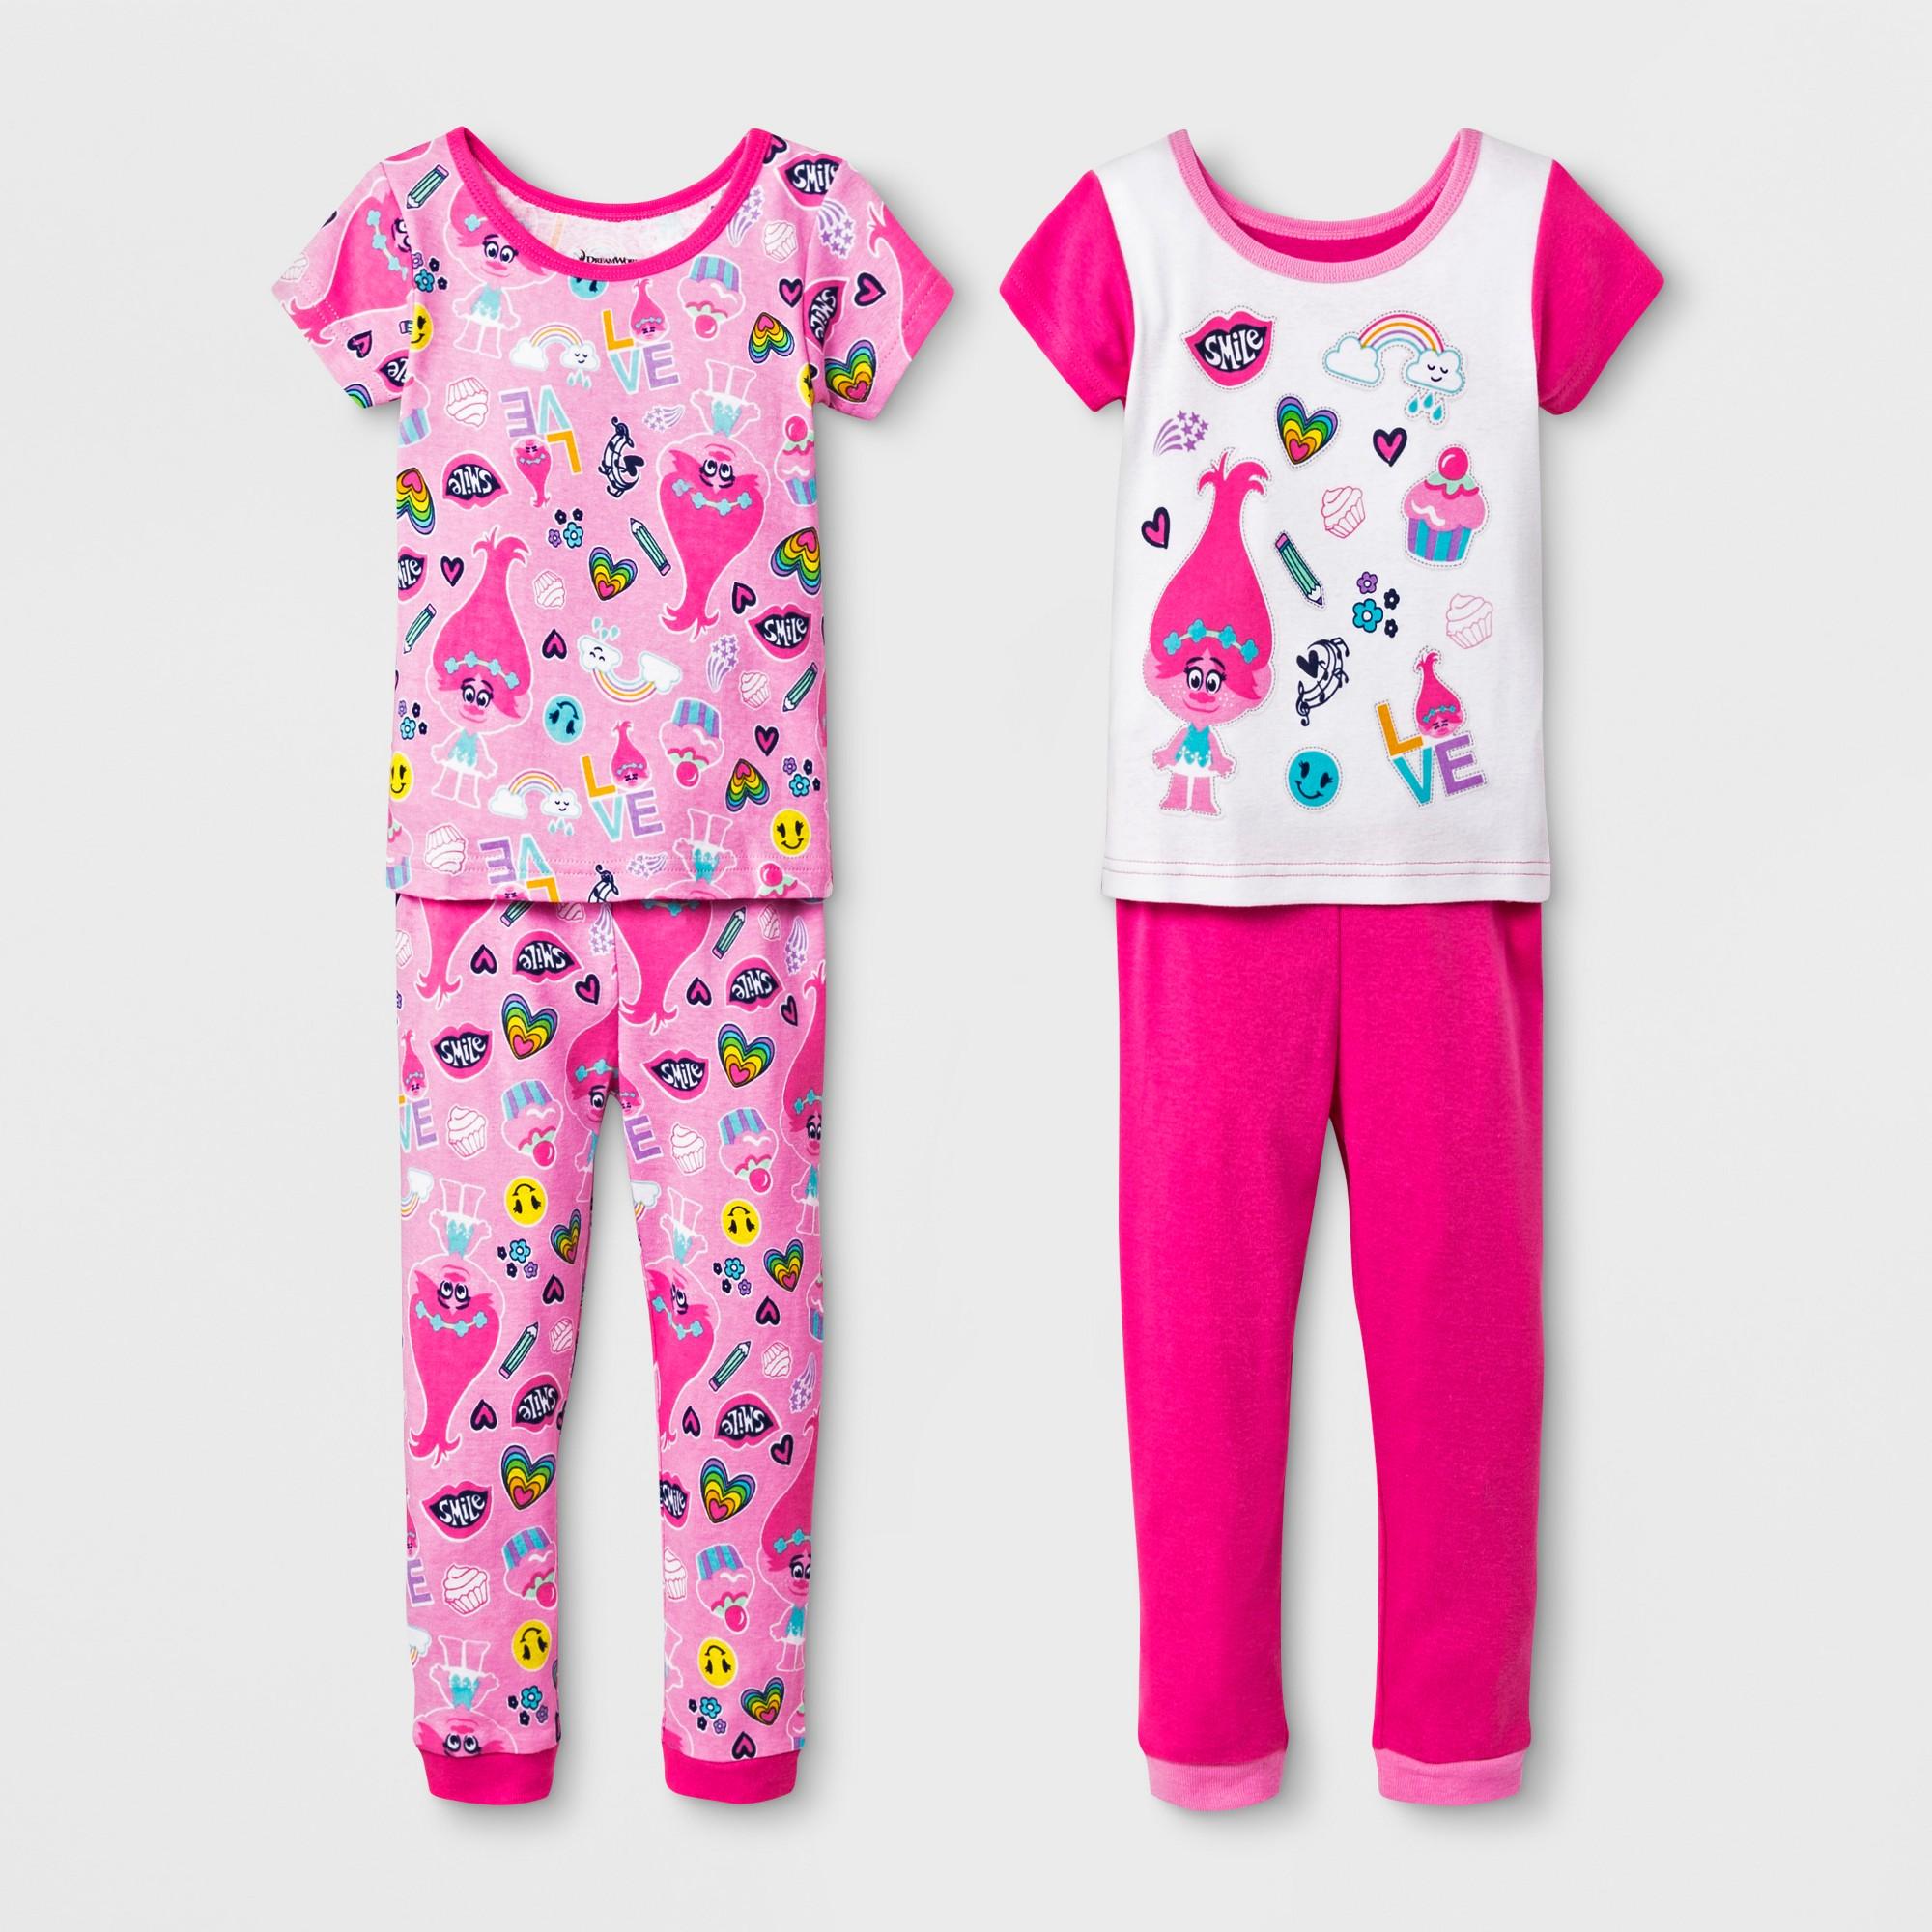 Toddler Girls' 4pc Trolls Pajama Set - Pink 4T